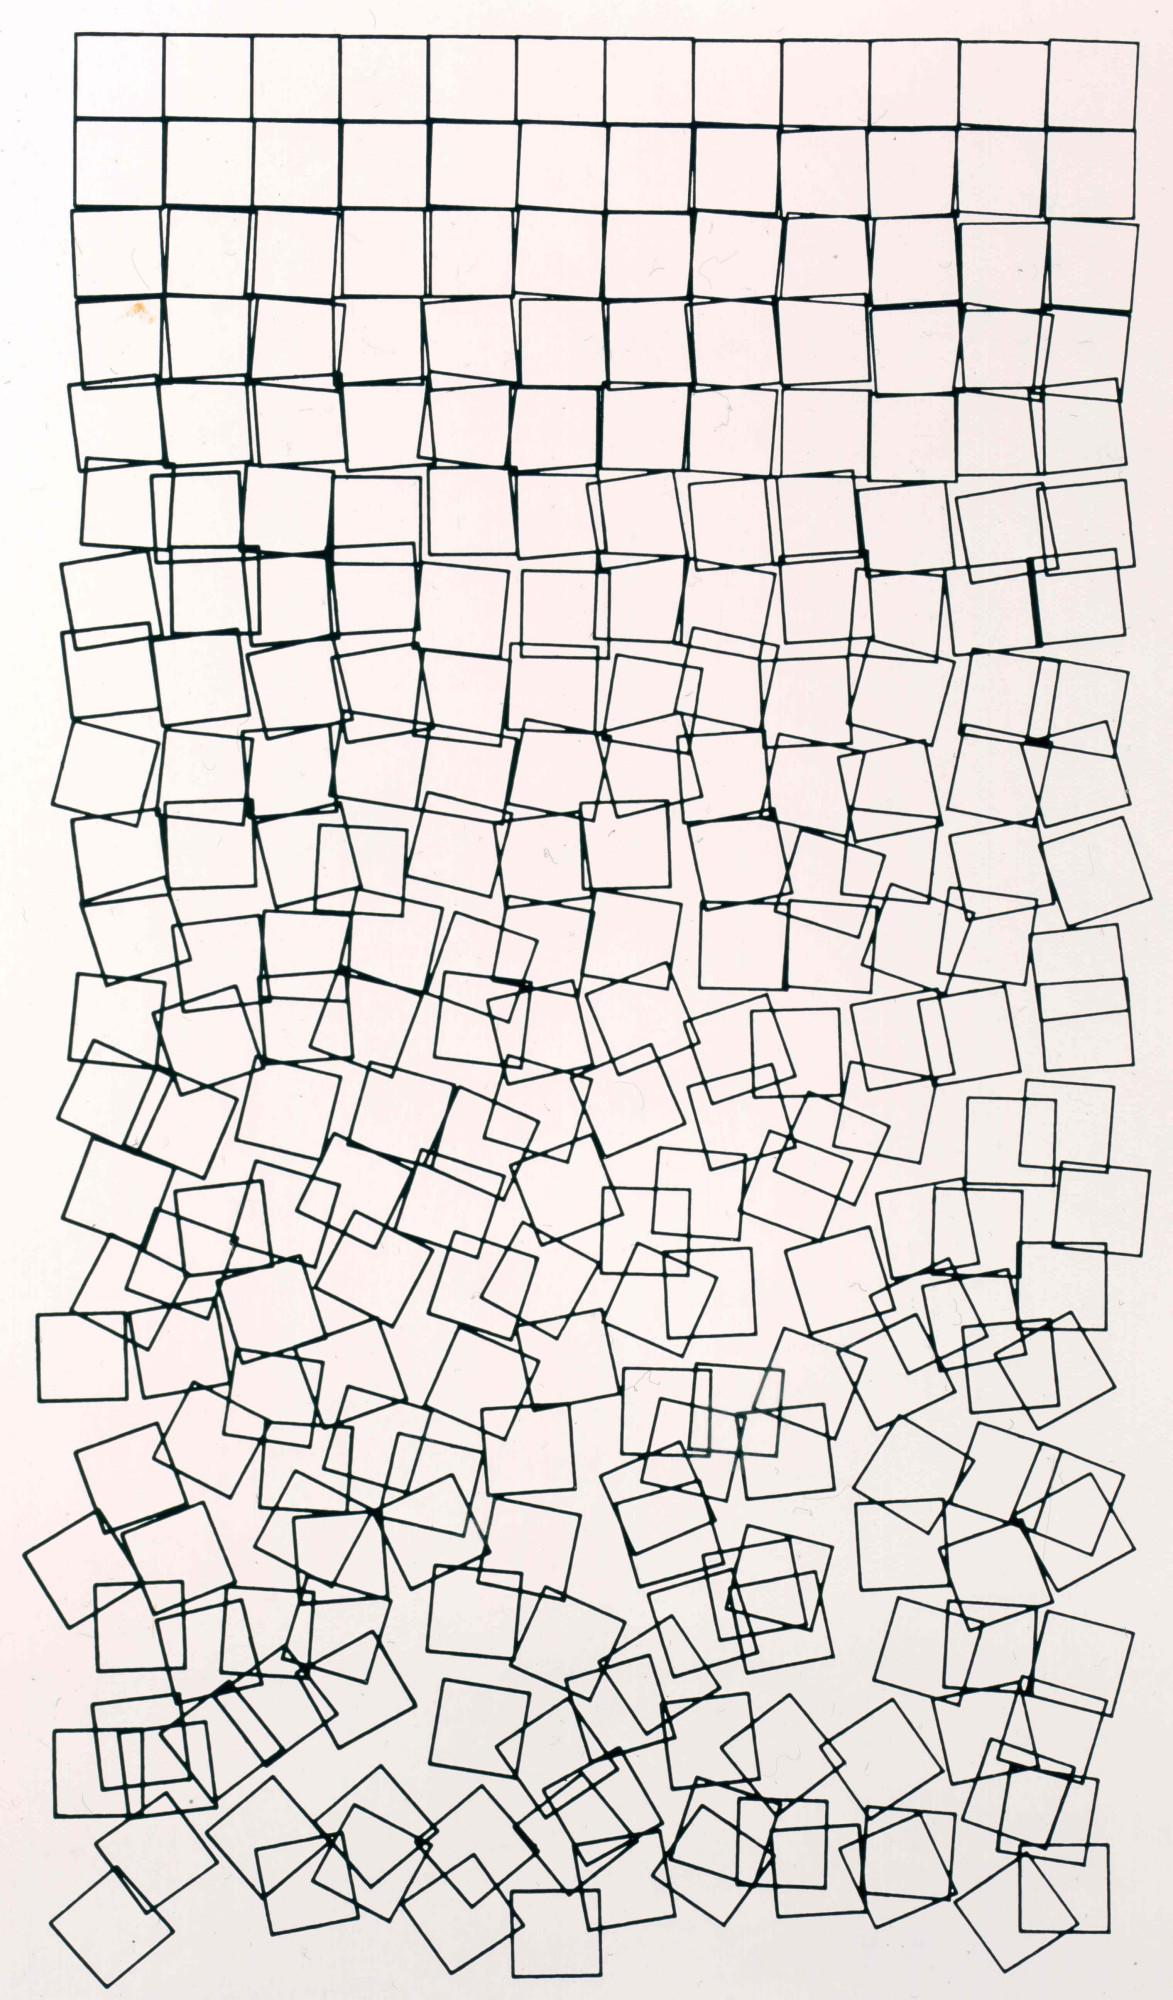 Georg Nees: Würfel-Unordnung, 1968-1971